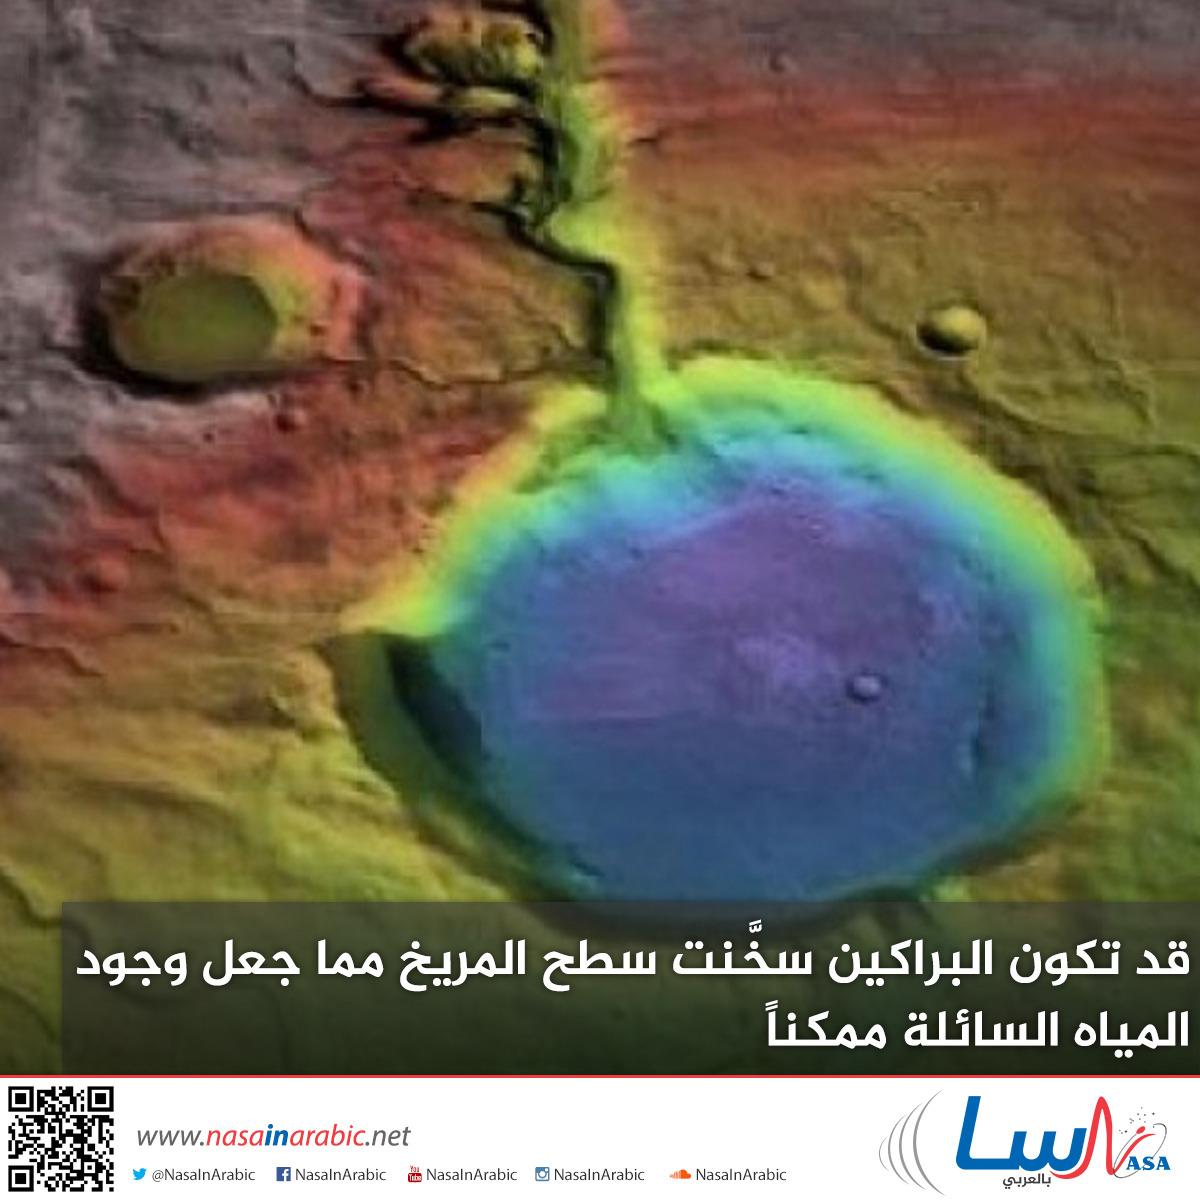 قد تكون البراكين سخَّنت سطح المريخ مما جعل وجود المياه السائلة ممكناً